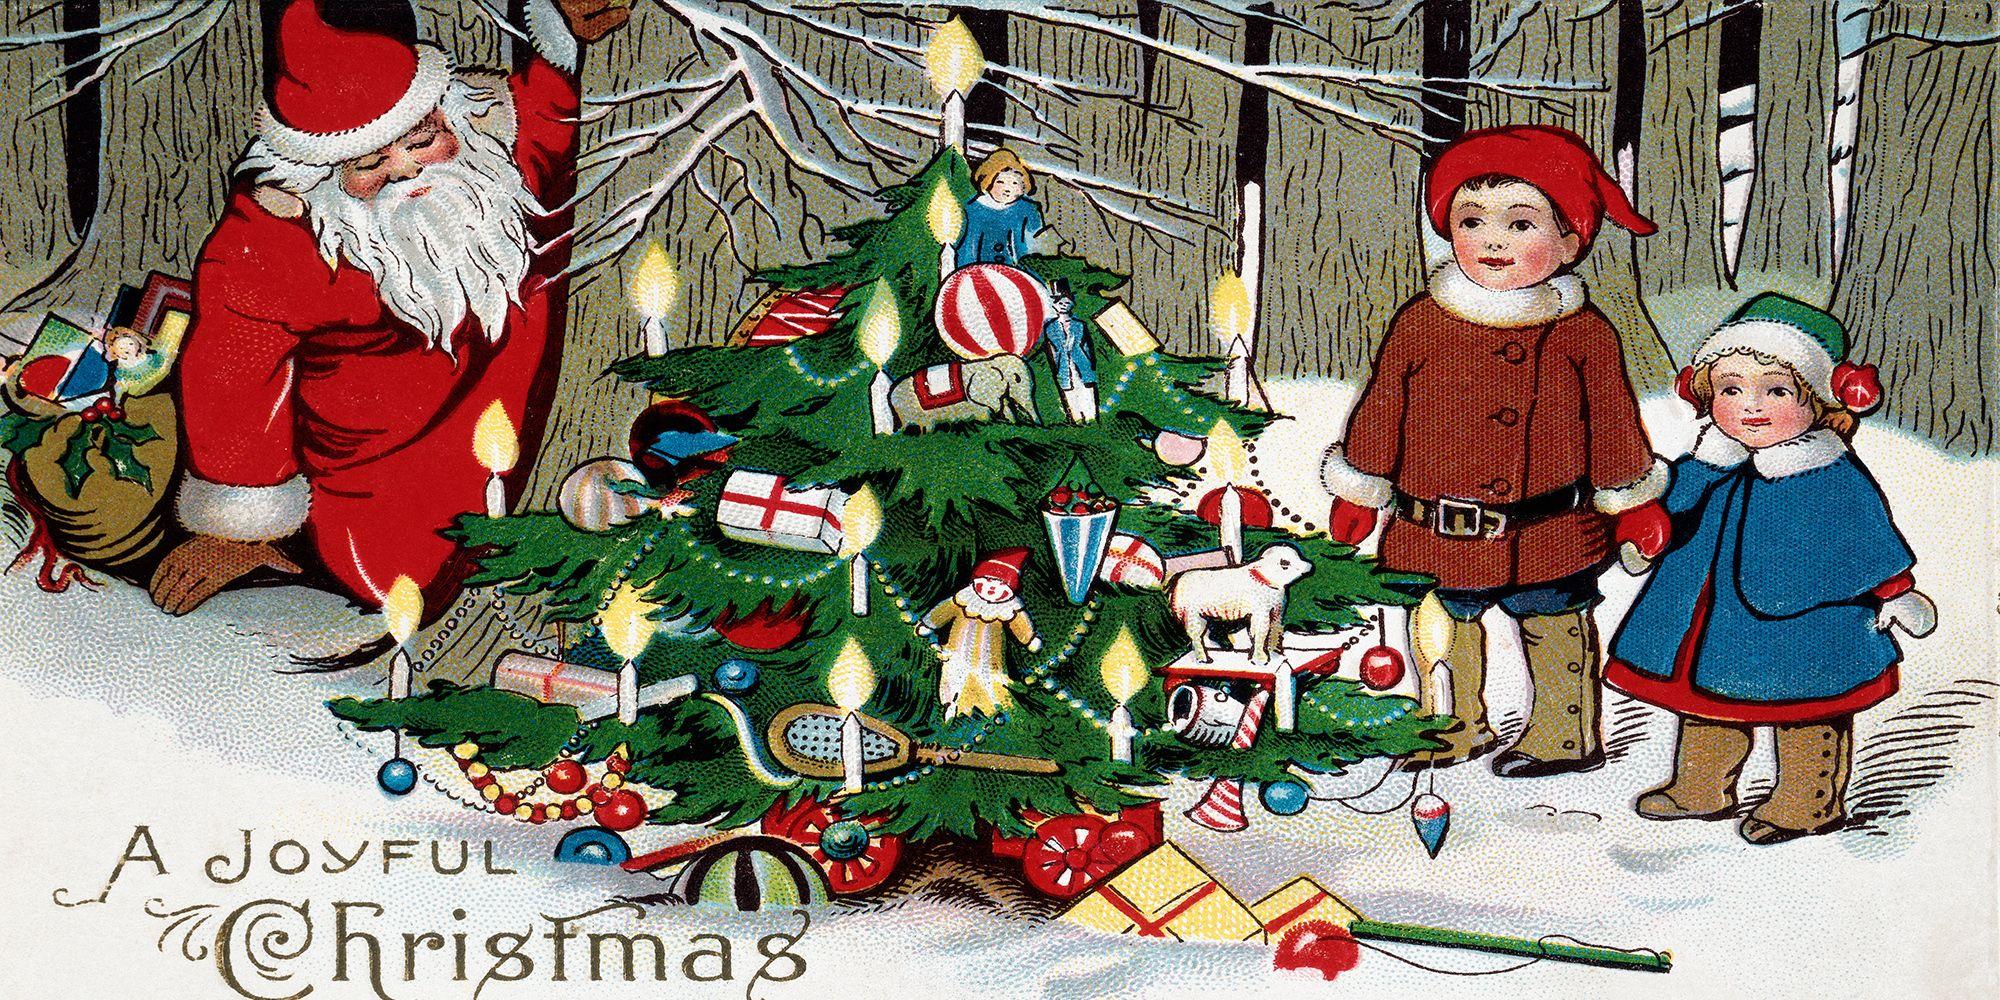 10 Aforismi Di Natale Da Dedicare Agli Amici